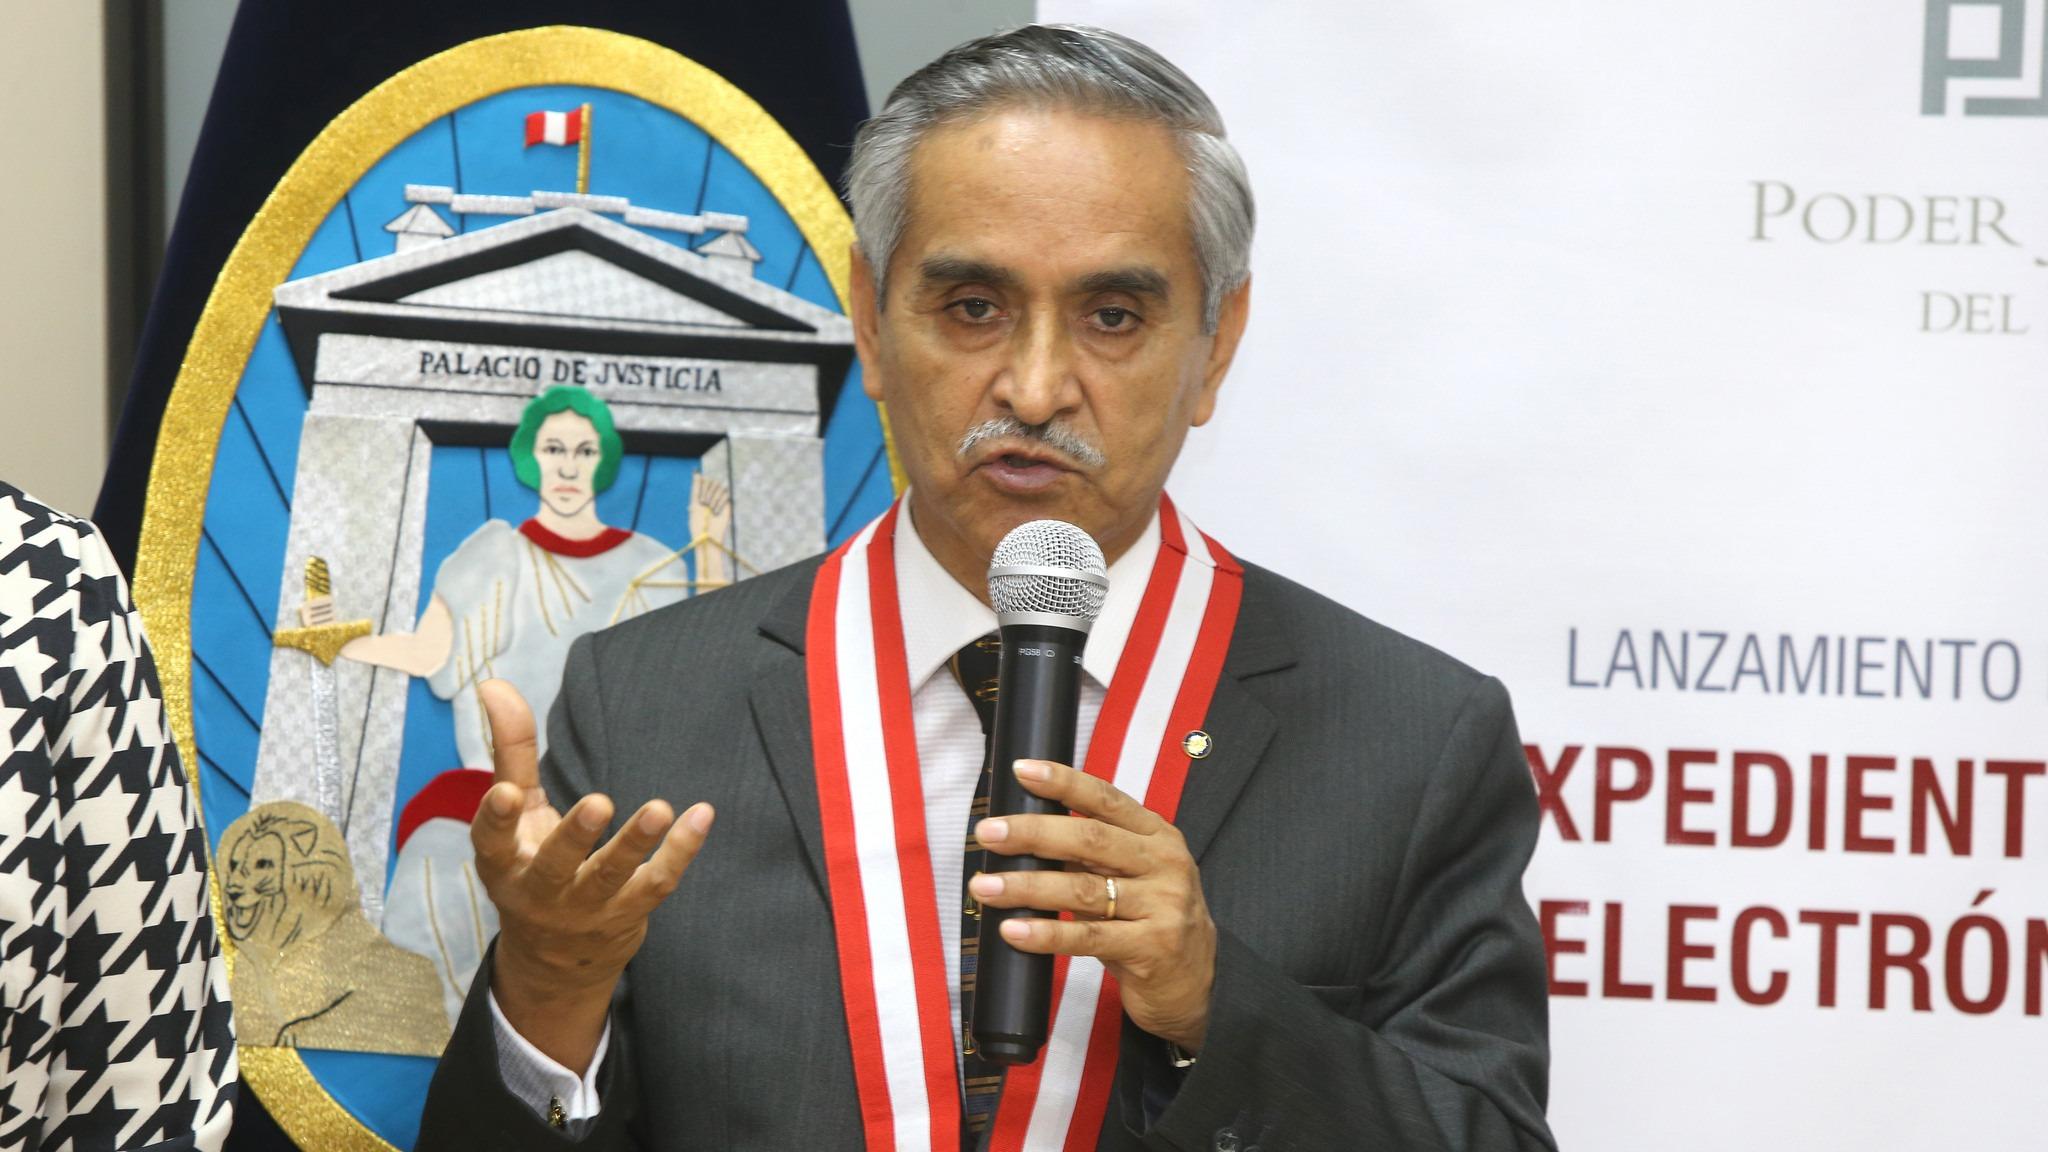 El presidente del Poder Judicial contó que no solo él ha recibido amenazas de muerte.